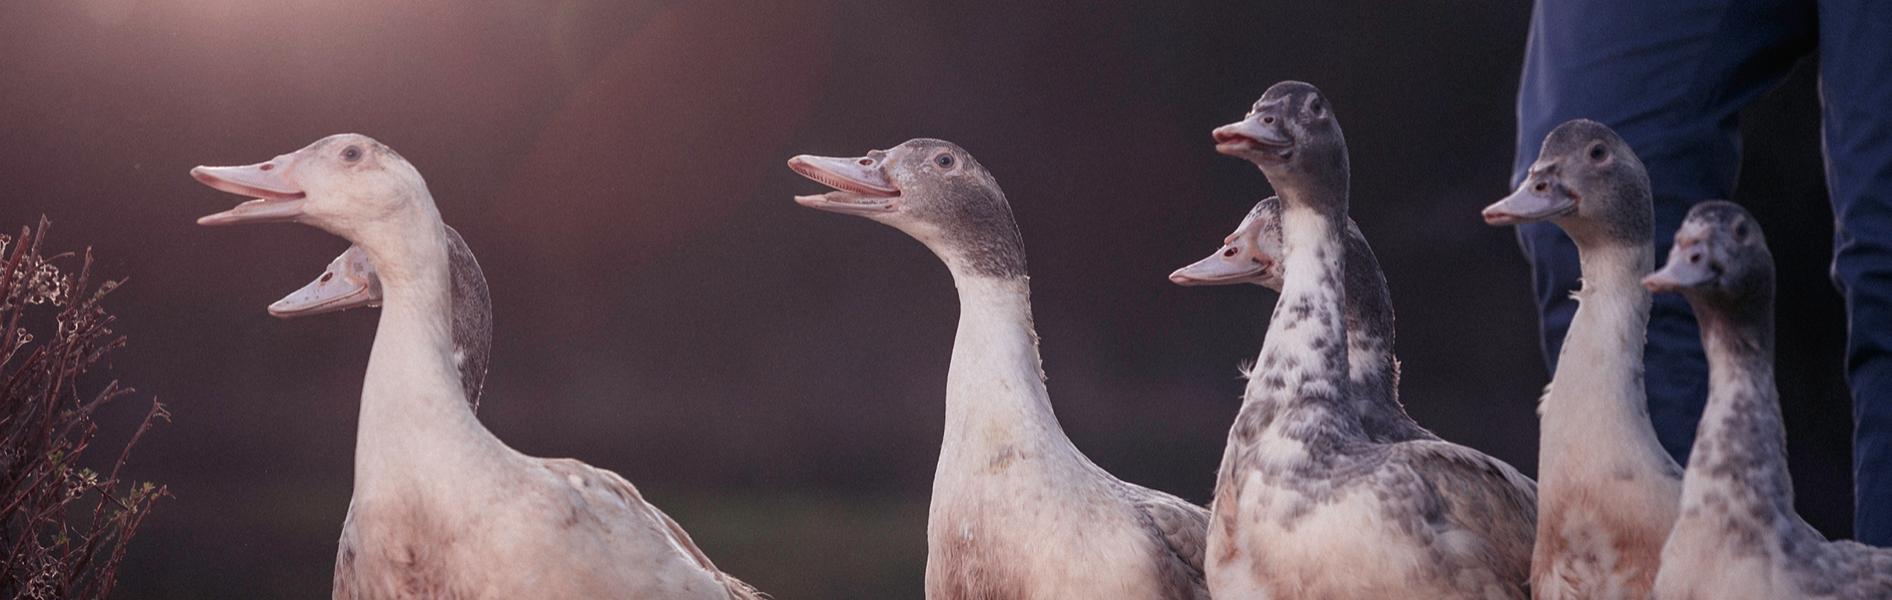 Visites de groupe foie gras